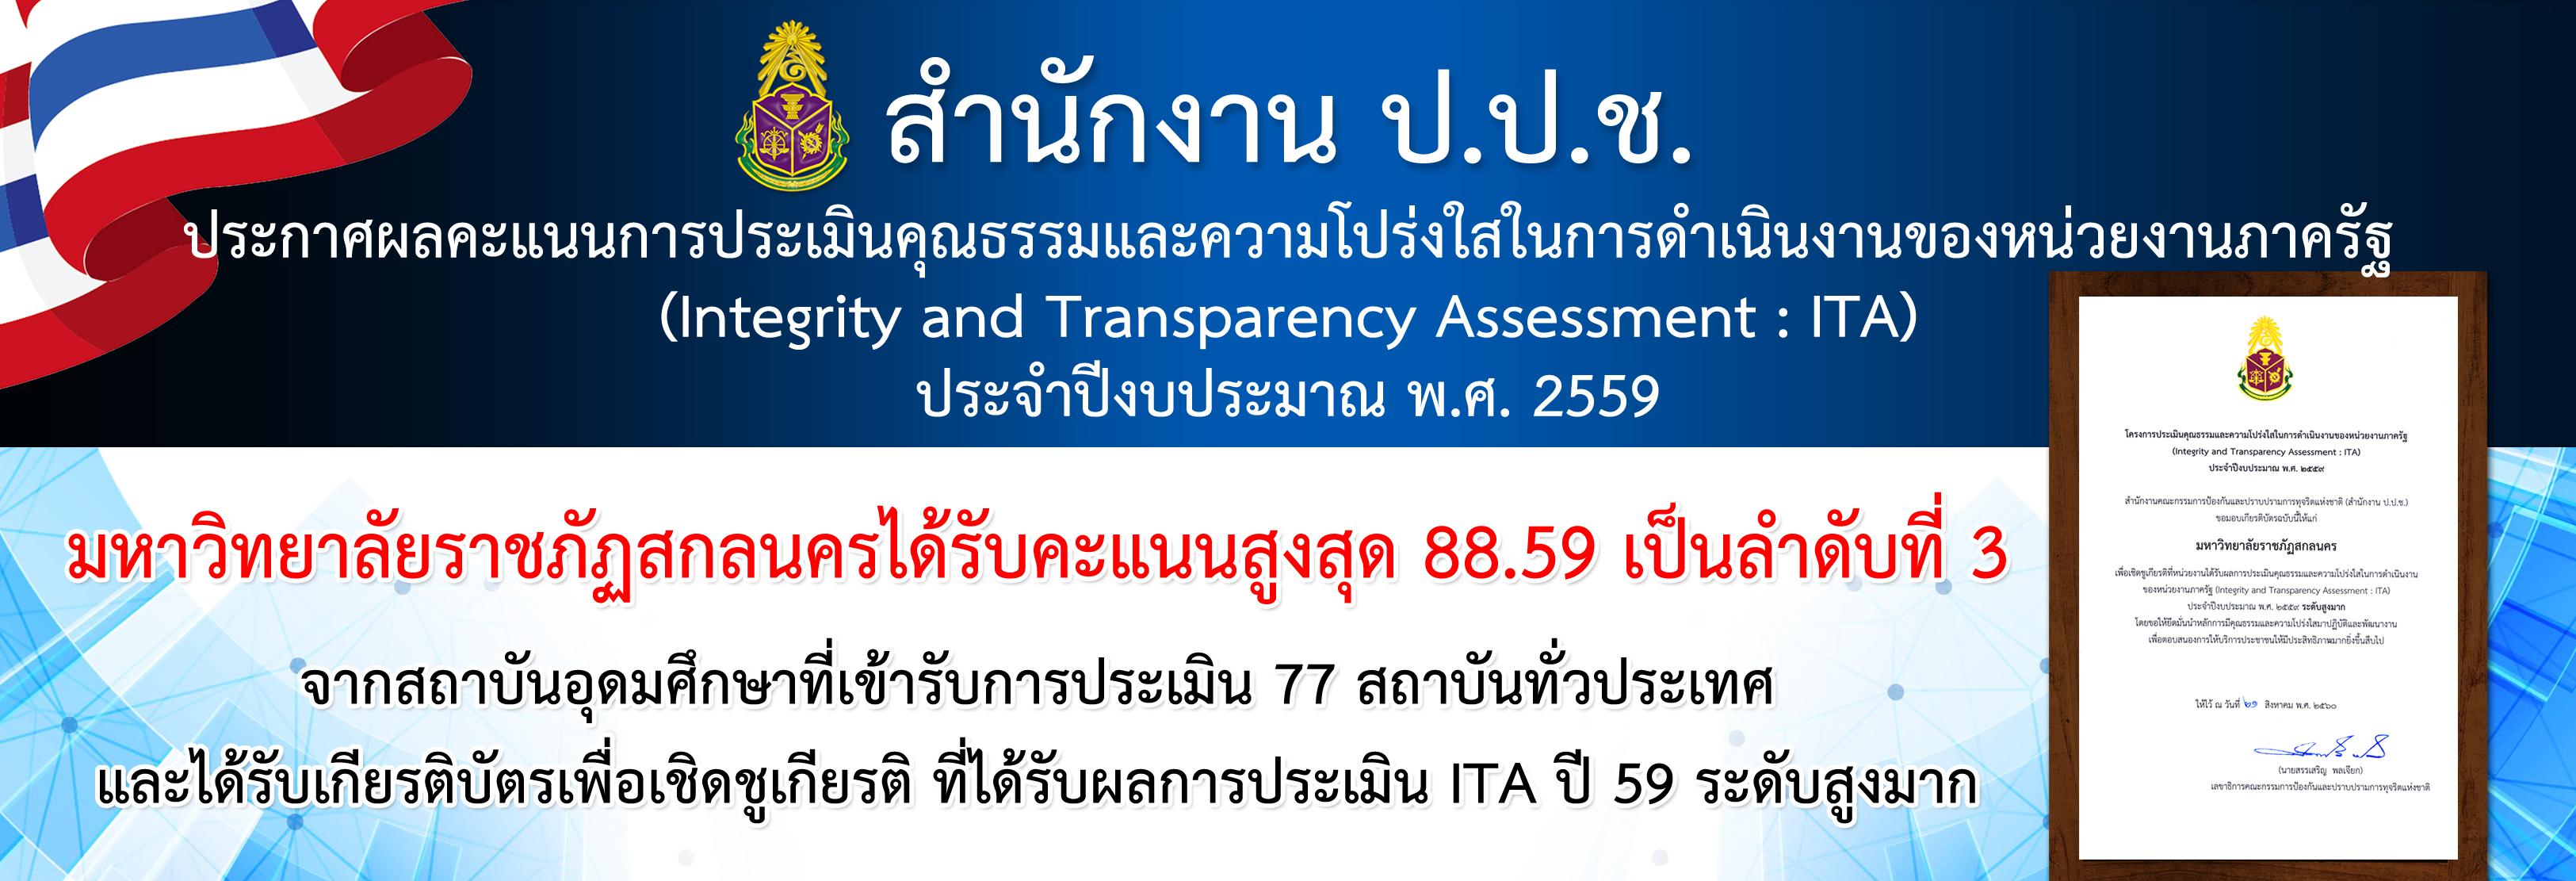 ประกาศผลคะแนนการประเมินคุณธรรมและความโปร่งใสในการดําเนินงานของหน่วยงานภาครัฐ (Integrity and Transparency Assessment : ITA) มหาวิทยาลัยราชภัฏสกลนคร ประจําปีงบประมาณ พ.ศ.2559